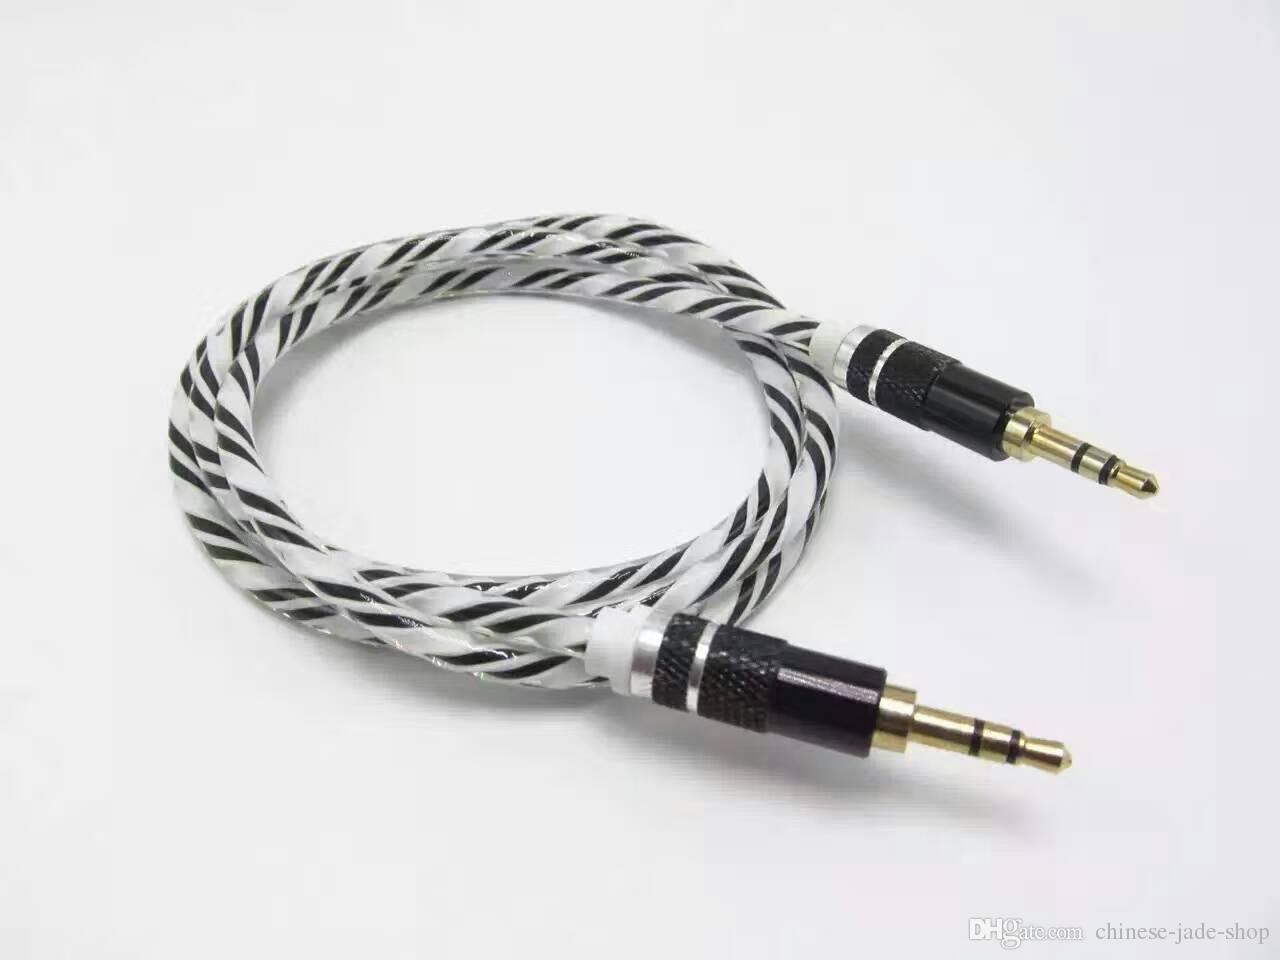 Rianbow Crystal Delicate Bold Aluminium Métal Adaptateur Cordon 3.5mm Audio Stéréo AUX Câble 1M 3FT / .